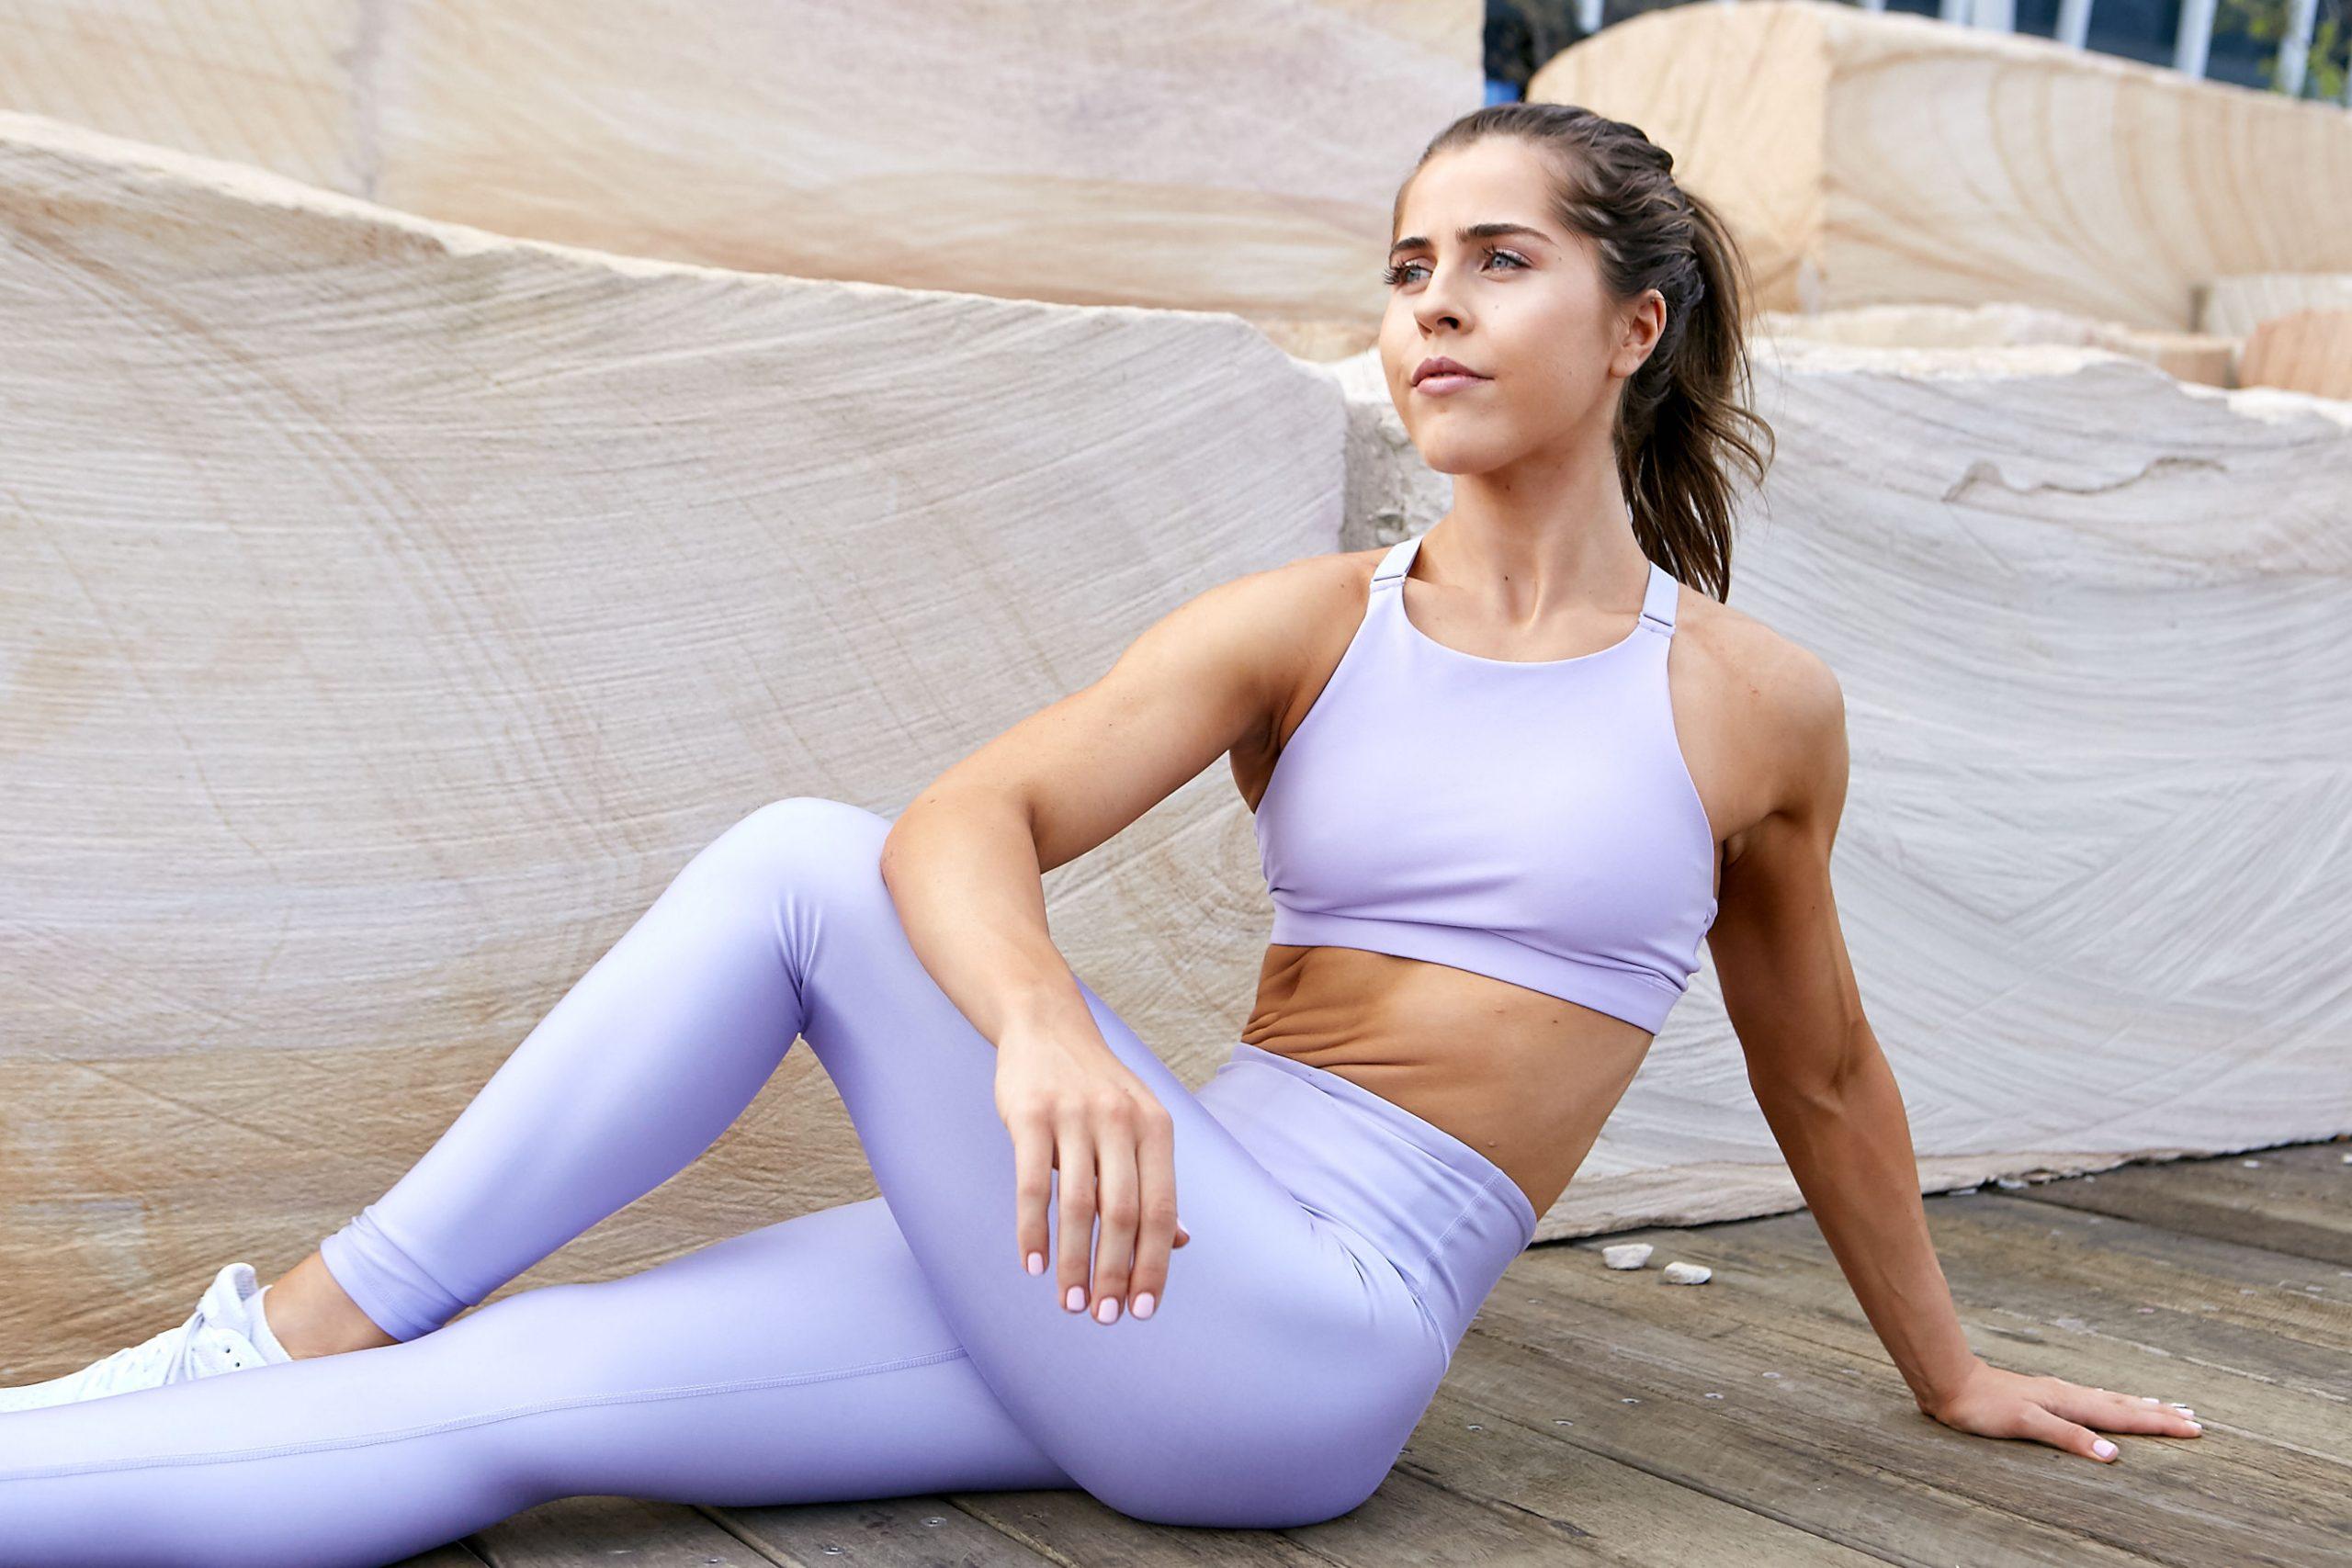 Natasha Sydney female fitness model and athlete seated stretching scaled